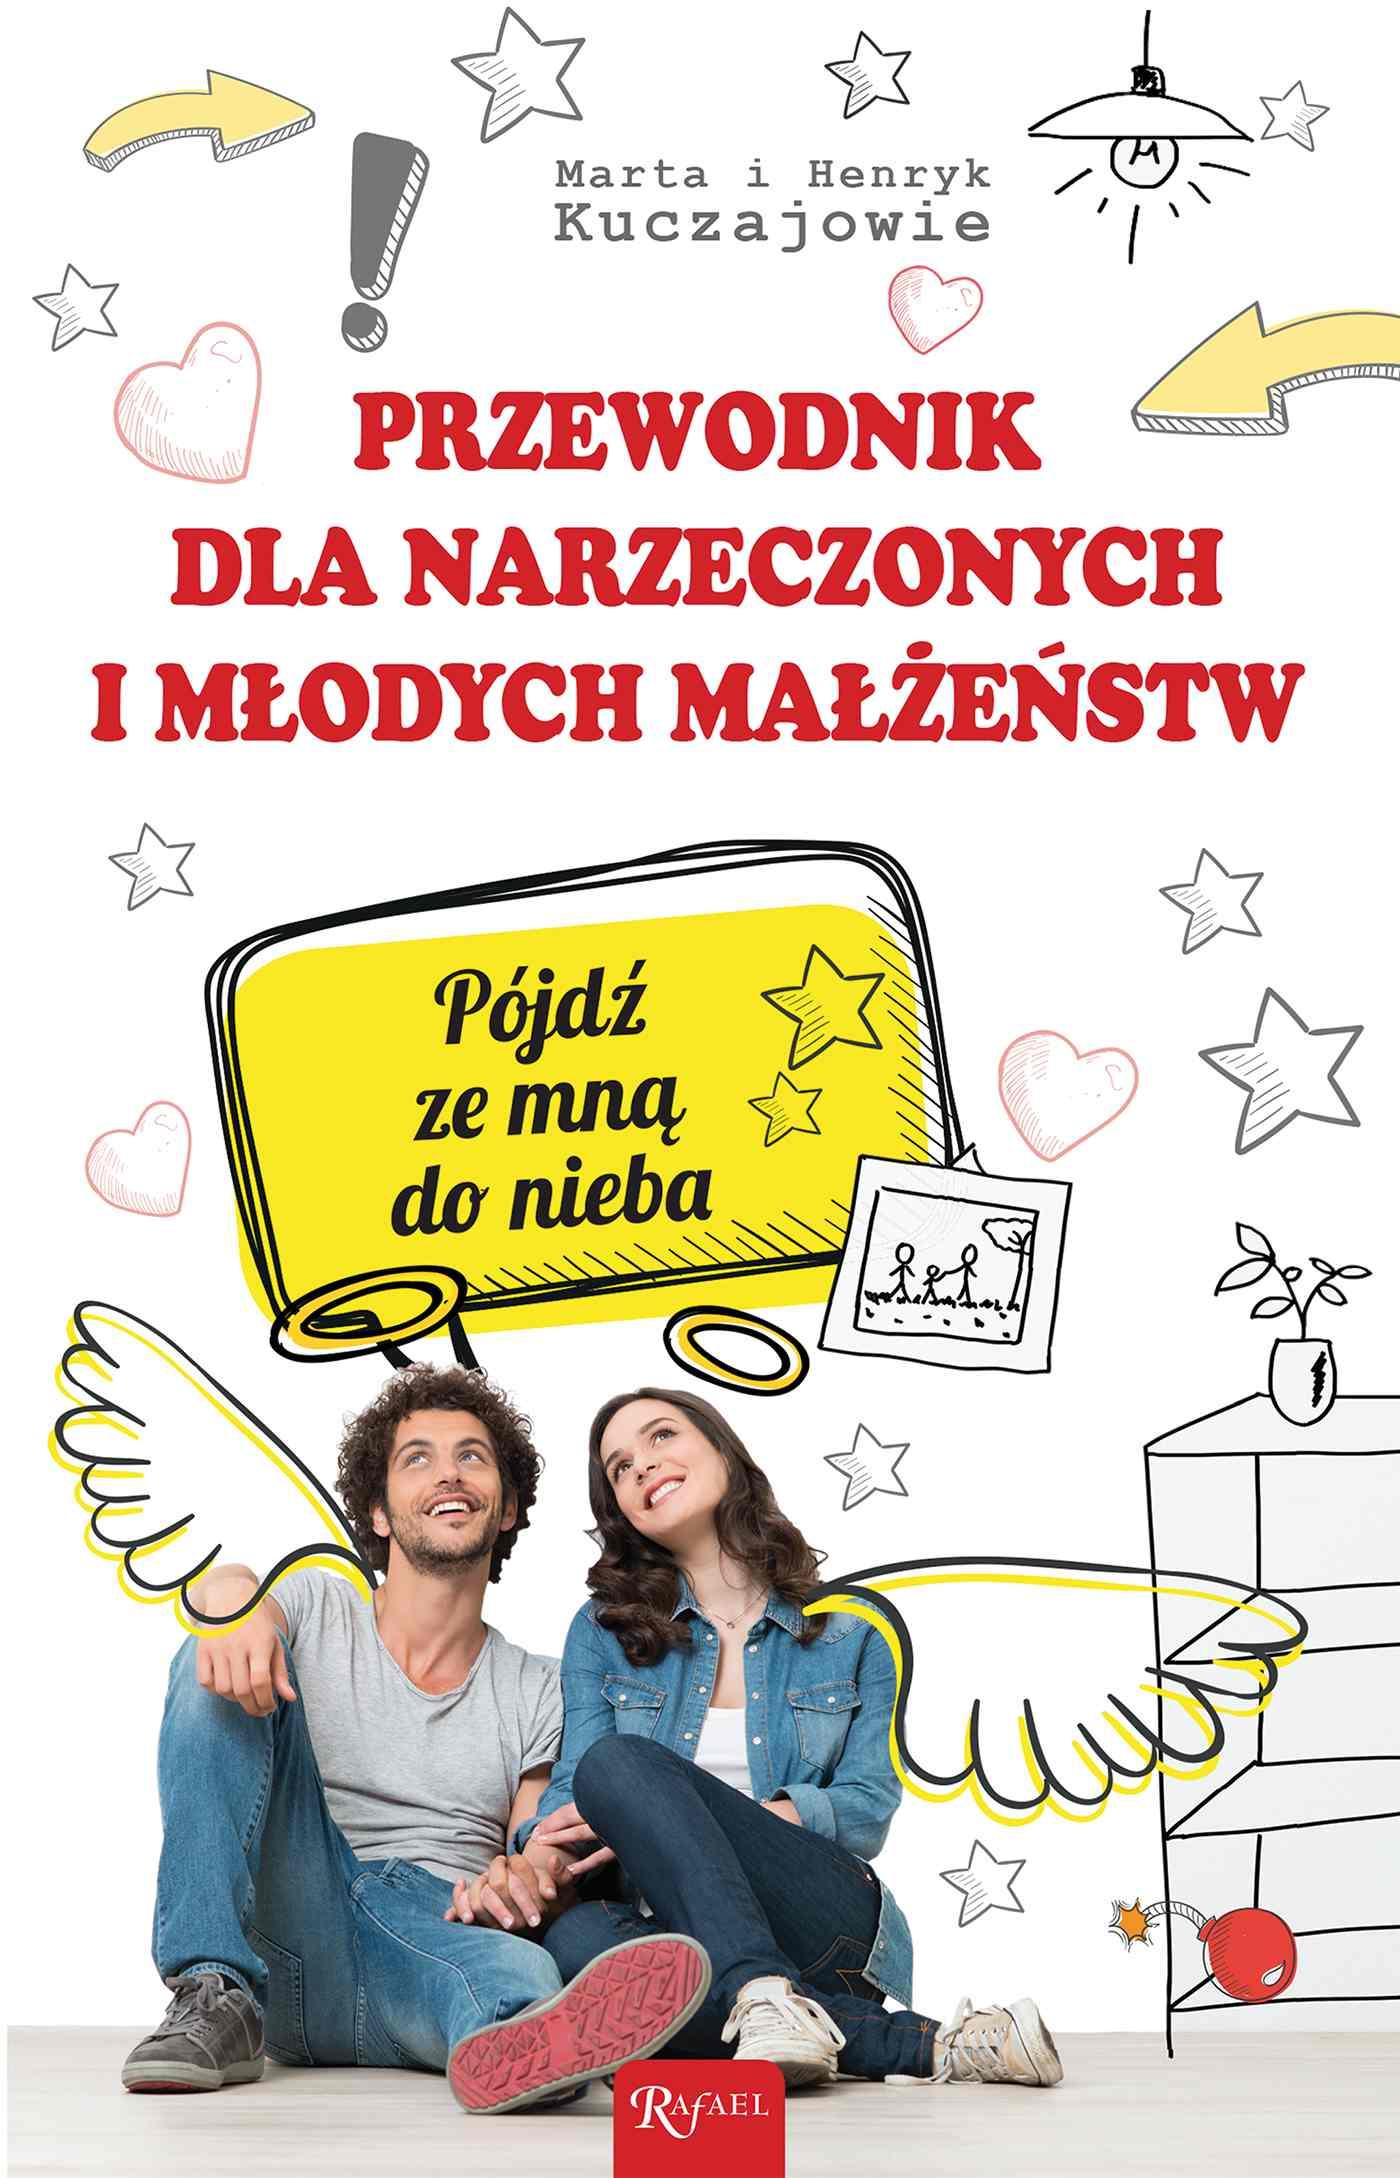 Przewodnik dla narzeczonych i młodych małżeństw - Ebook (Książka na Kindle) do pobrania w formacie MOBI